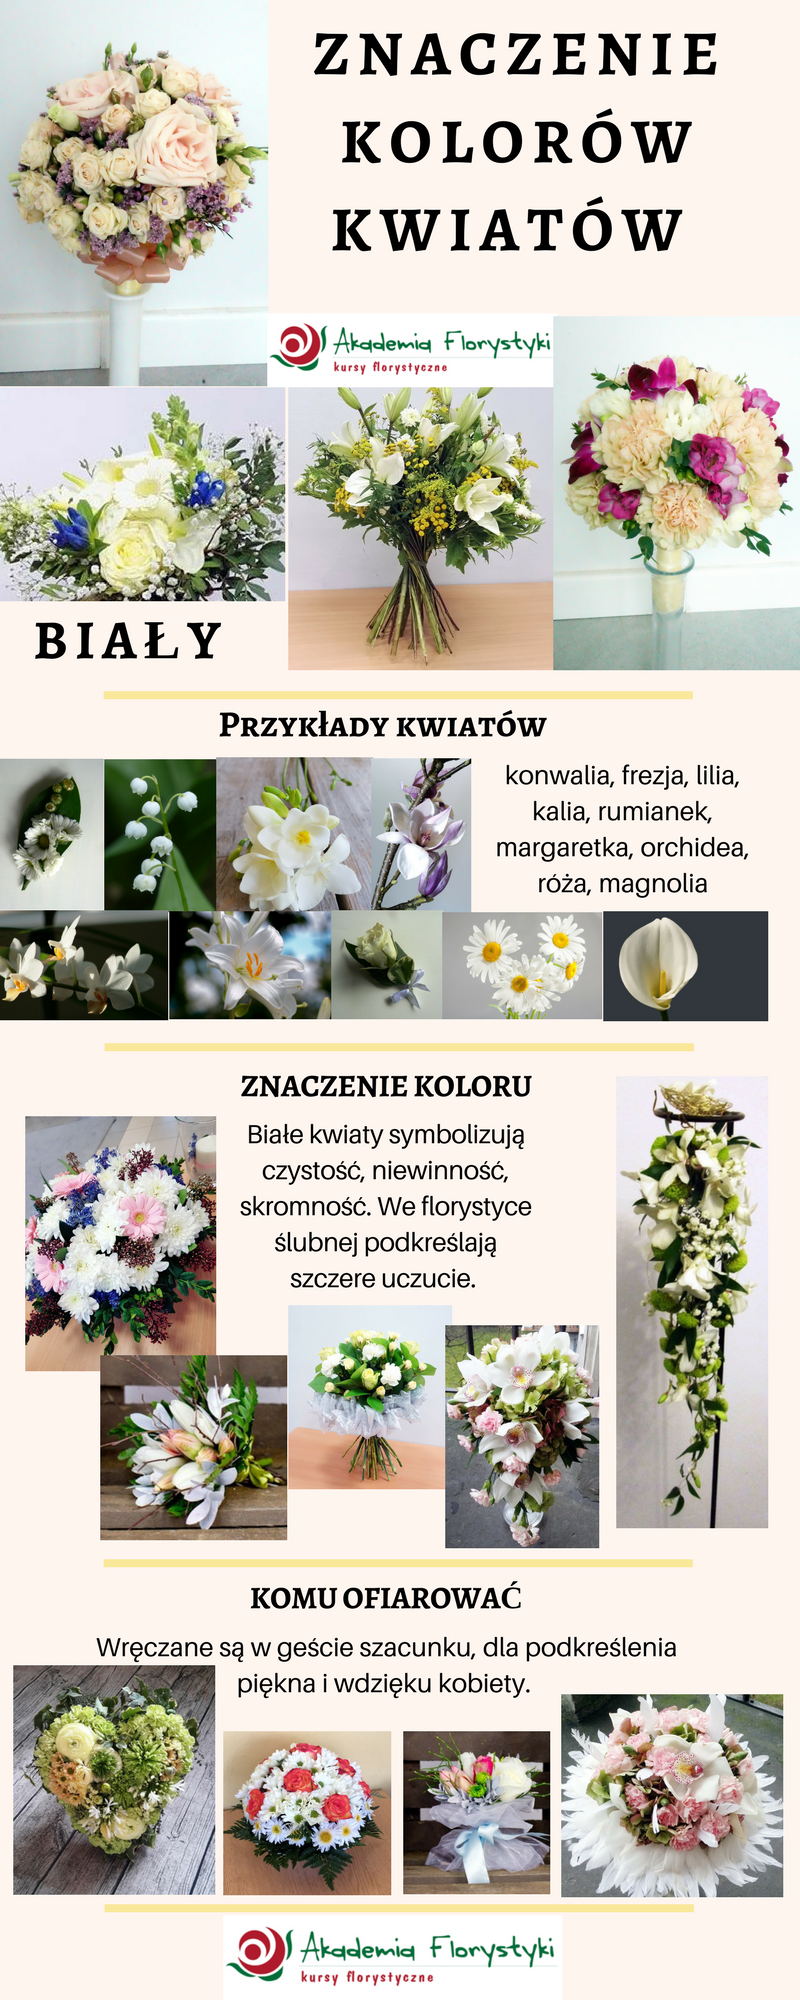 znaczenie kolorów kwiatów - kwiaty białe